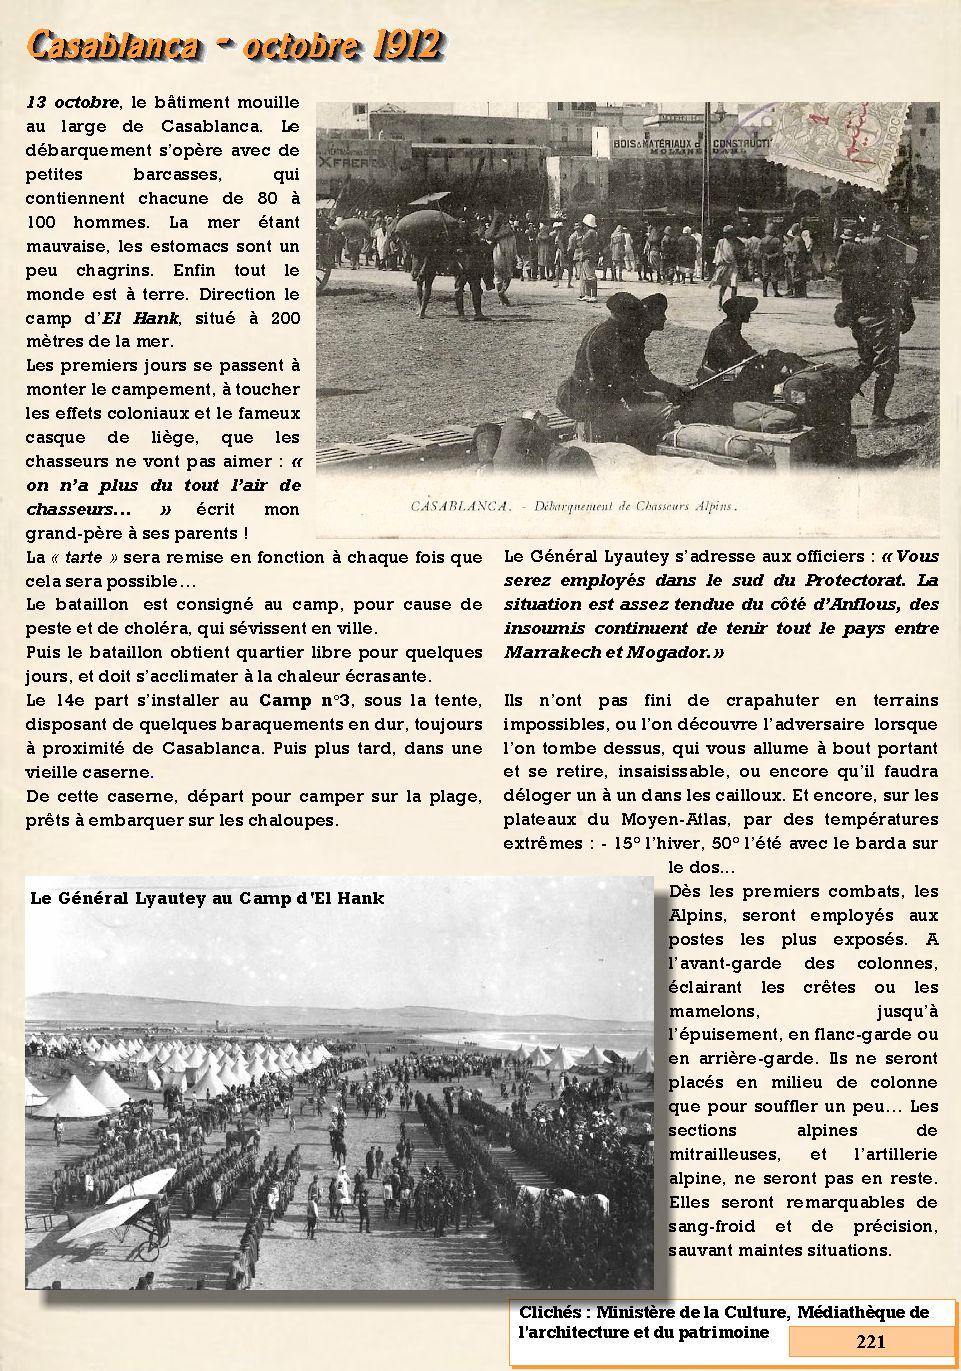 L'Historique du 14e Bataillon de Chasseurs. 1854 - 1962 221_pa10